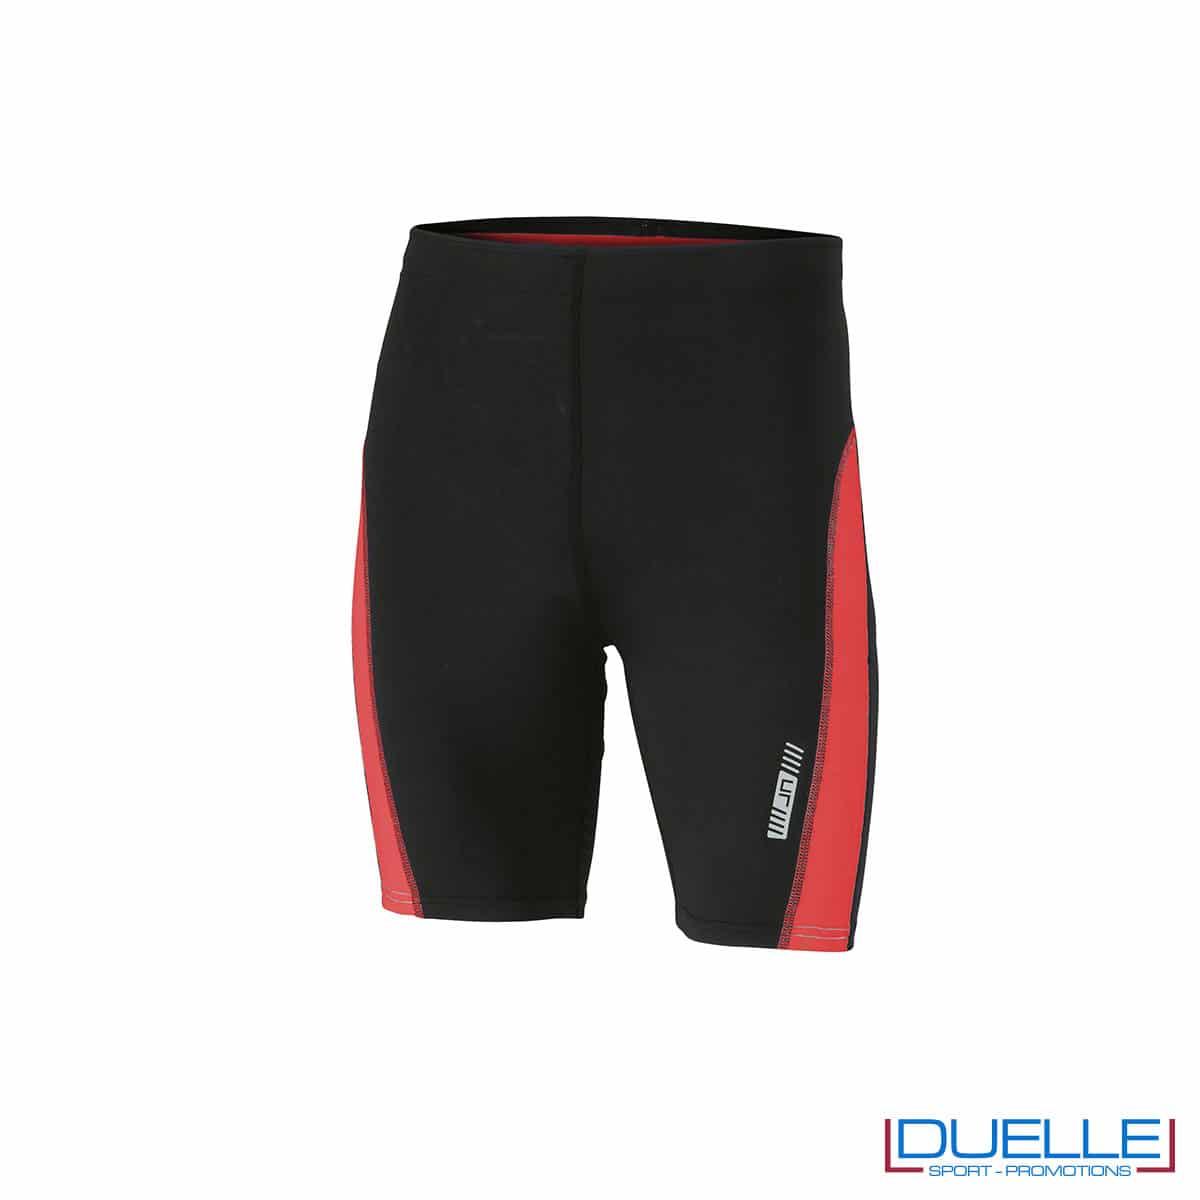 Pantaloncini running personalizzati colore nero/rosso